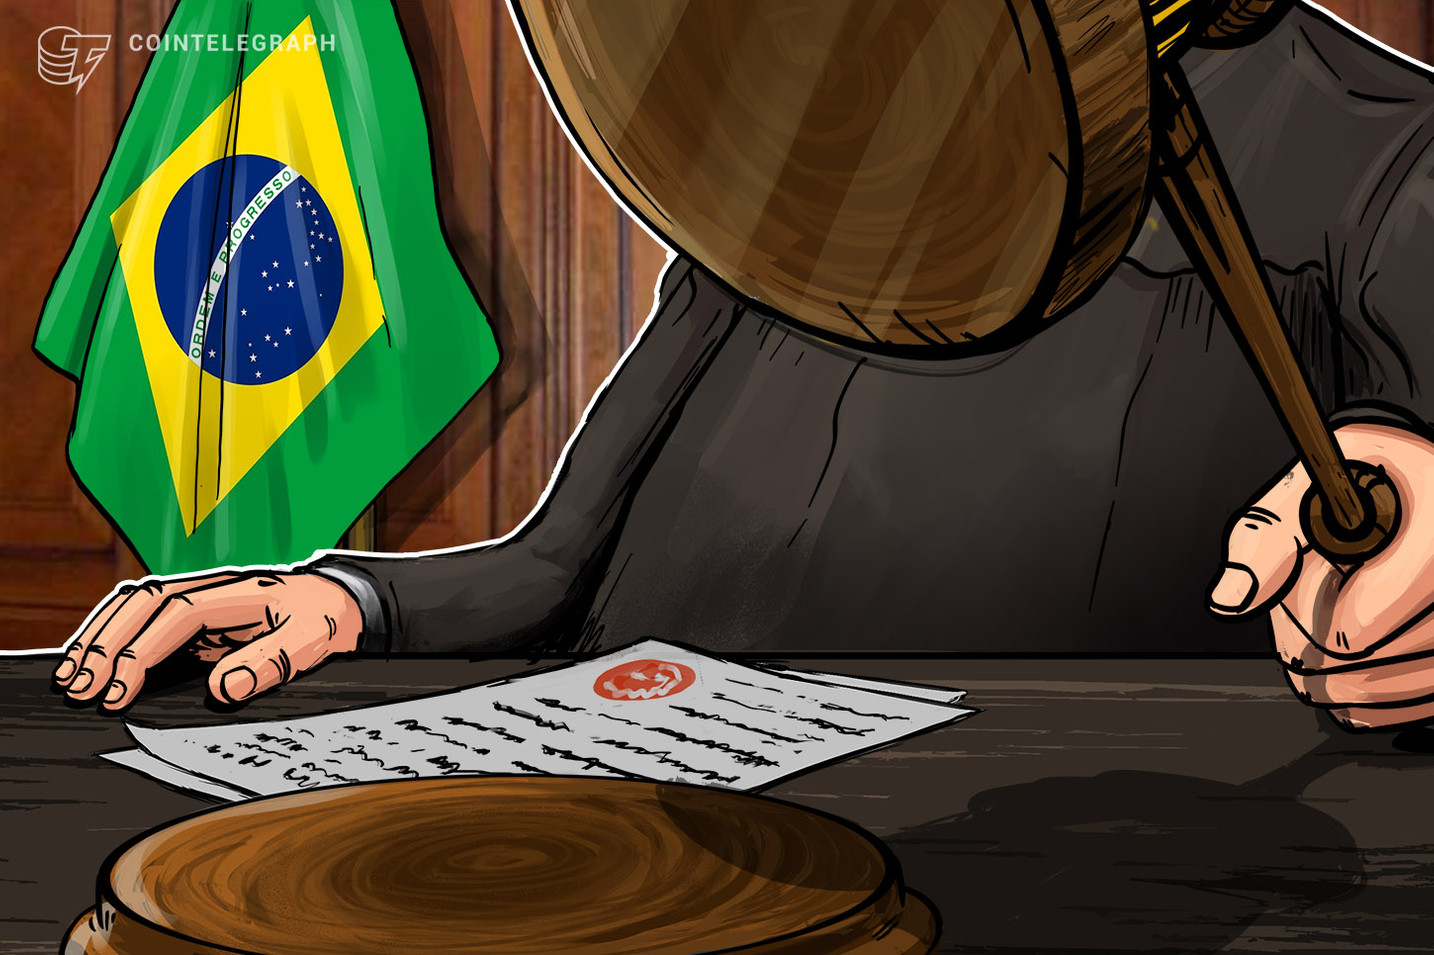 Brasileiro Compra Bitcoin por R$ 23.000 e Queda de 70% no Preço Faz Empresa Sumir com Criptomoeda